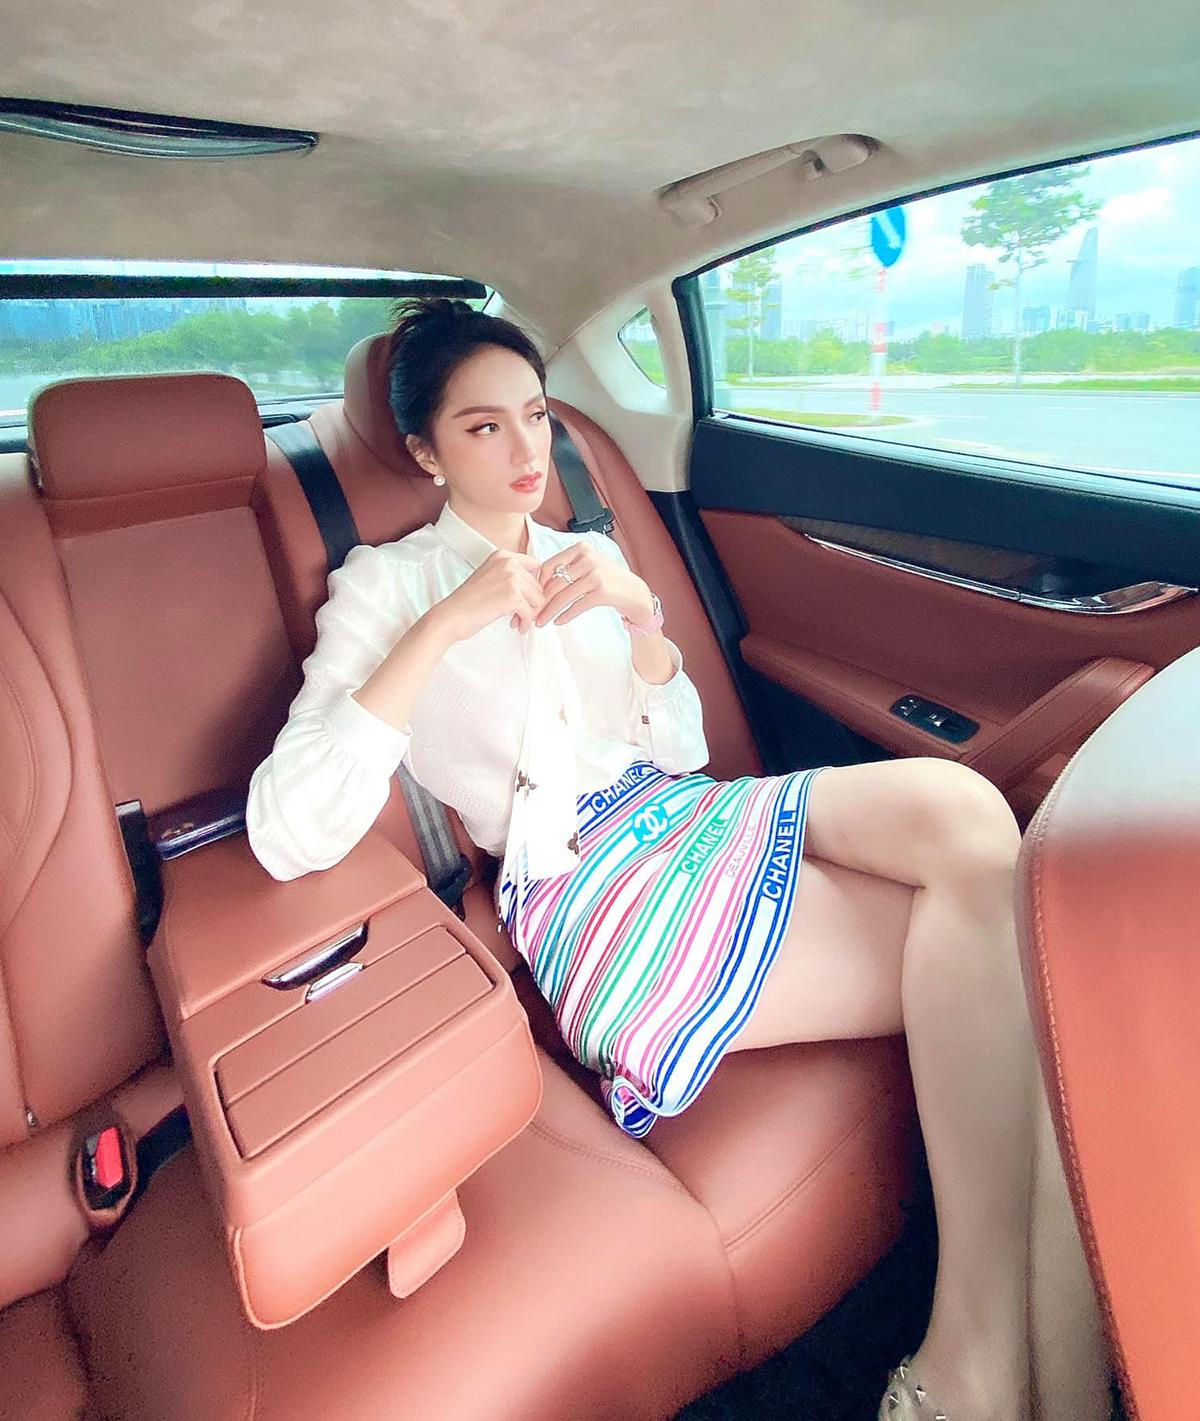 Với Hương Giang, xế hộp không chỉ là phương tiện đi lại mà còn là địa điểm cho cô tha hồ sống ảo. Từ khi sắm chiếc ô tô mới giá hơn 8 tỷ đồng với nội thất cao cấp và không gian rộng rãi, Hoa hậu chuyển giới rất chăm chỉ chụp hình trên xe.